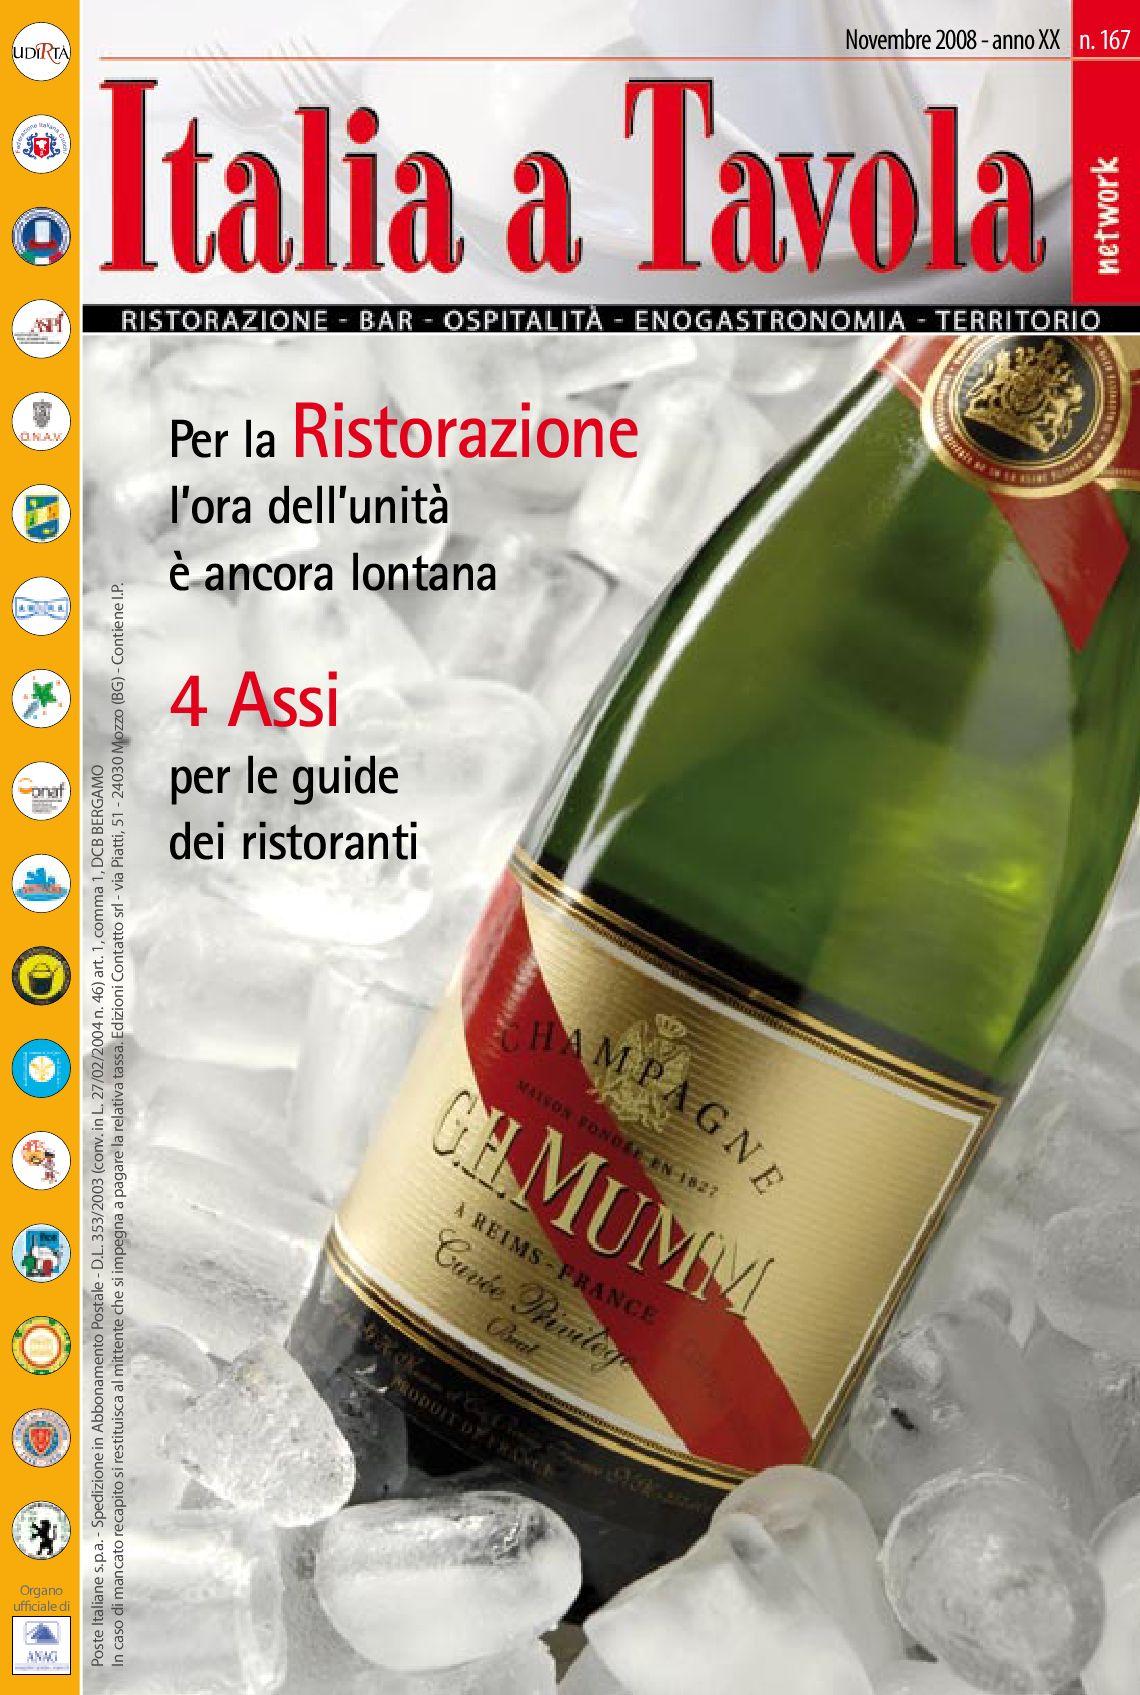 marchiato elegante VINTAGE IN ARGENTO ITALIANA fatta VINO Testato//Tazza per degustare